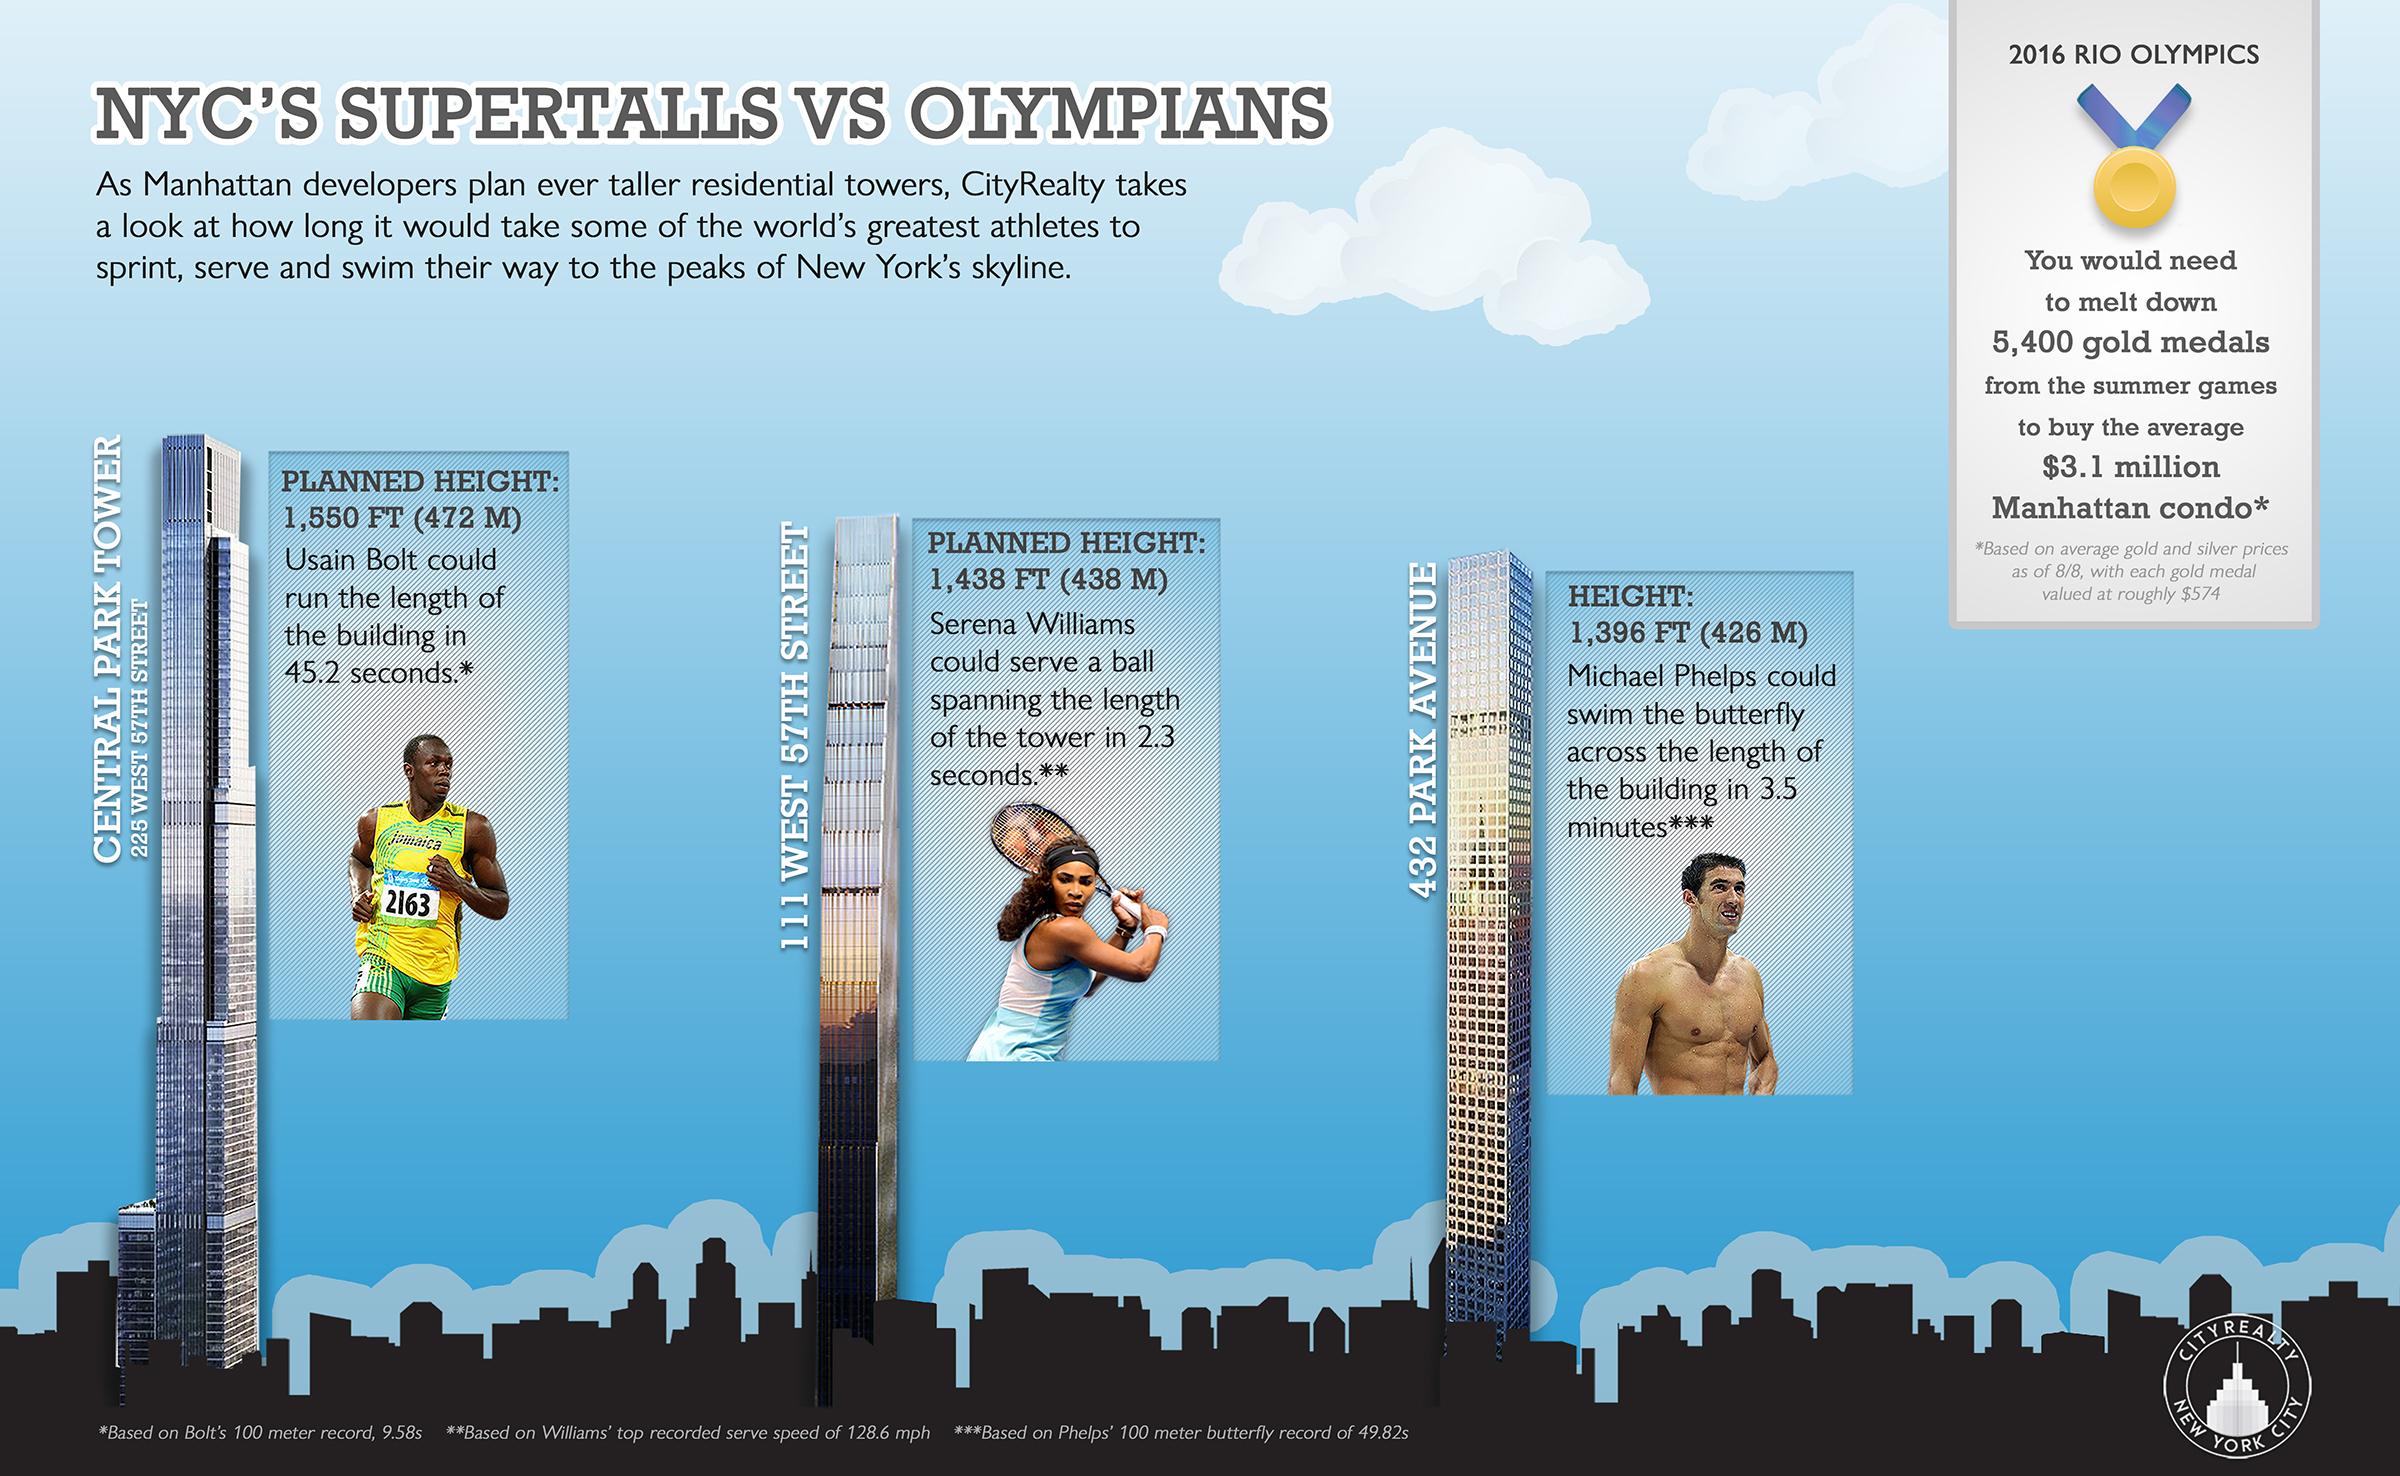 supertalls-olympians-2